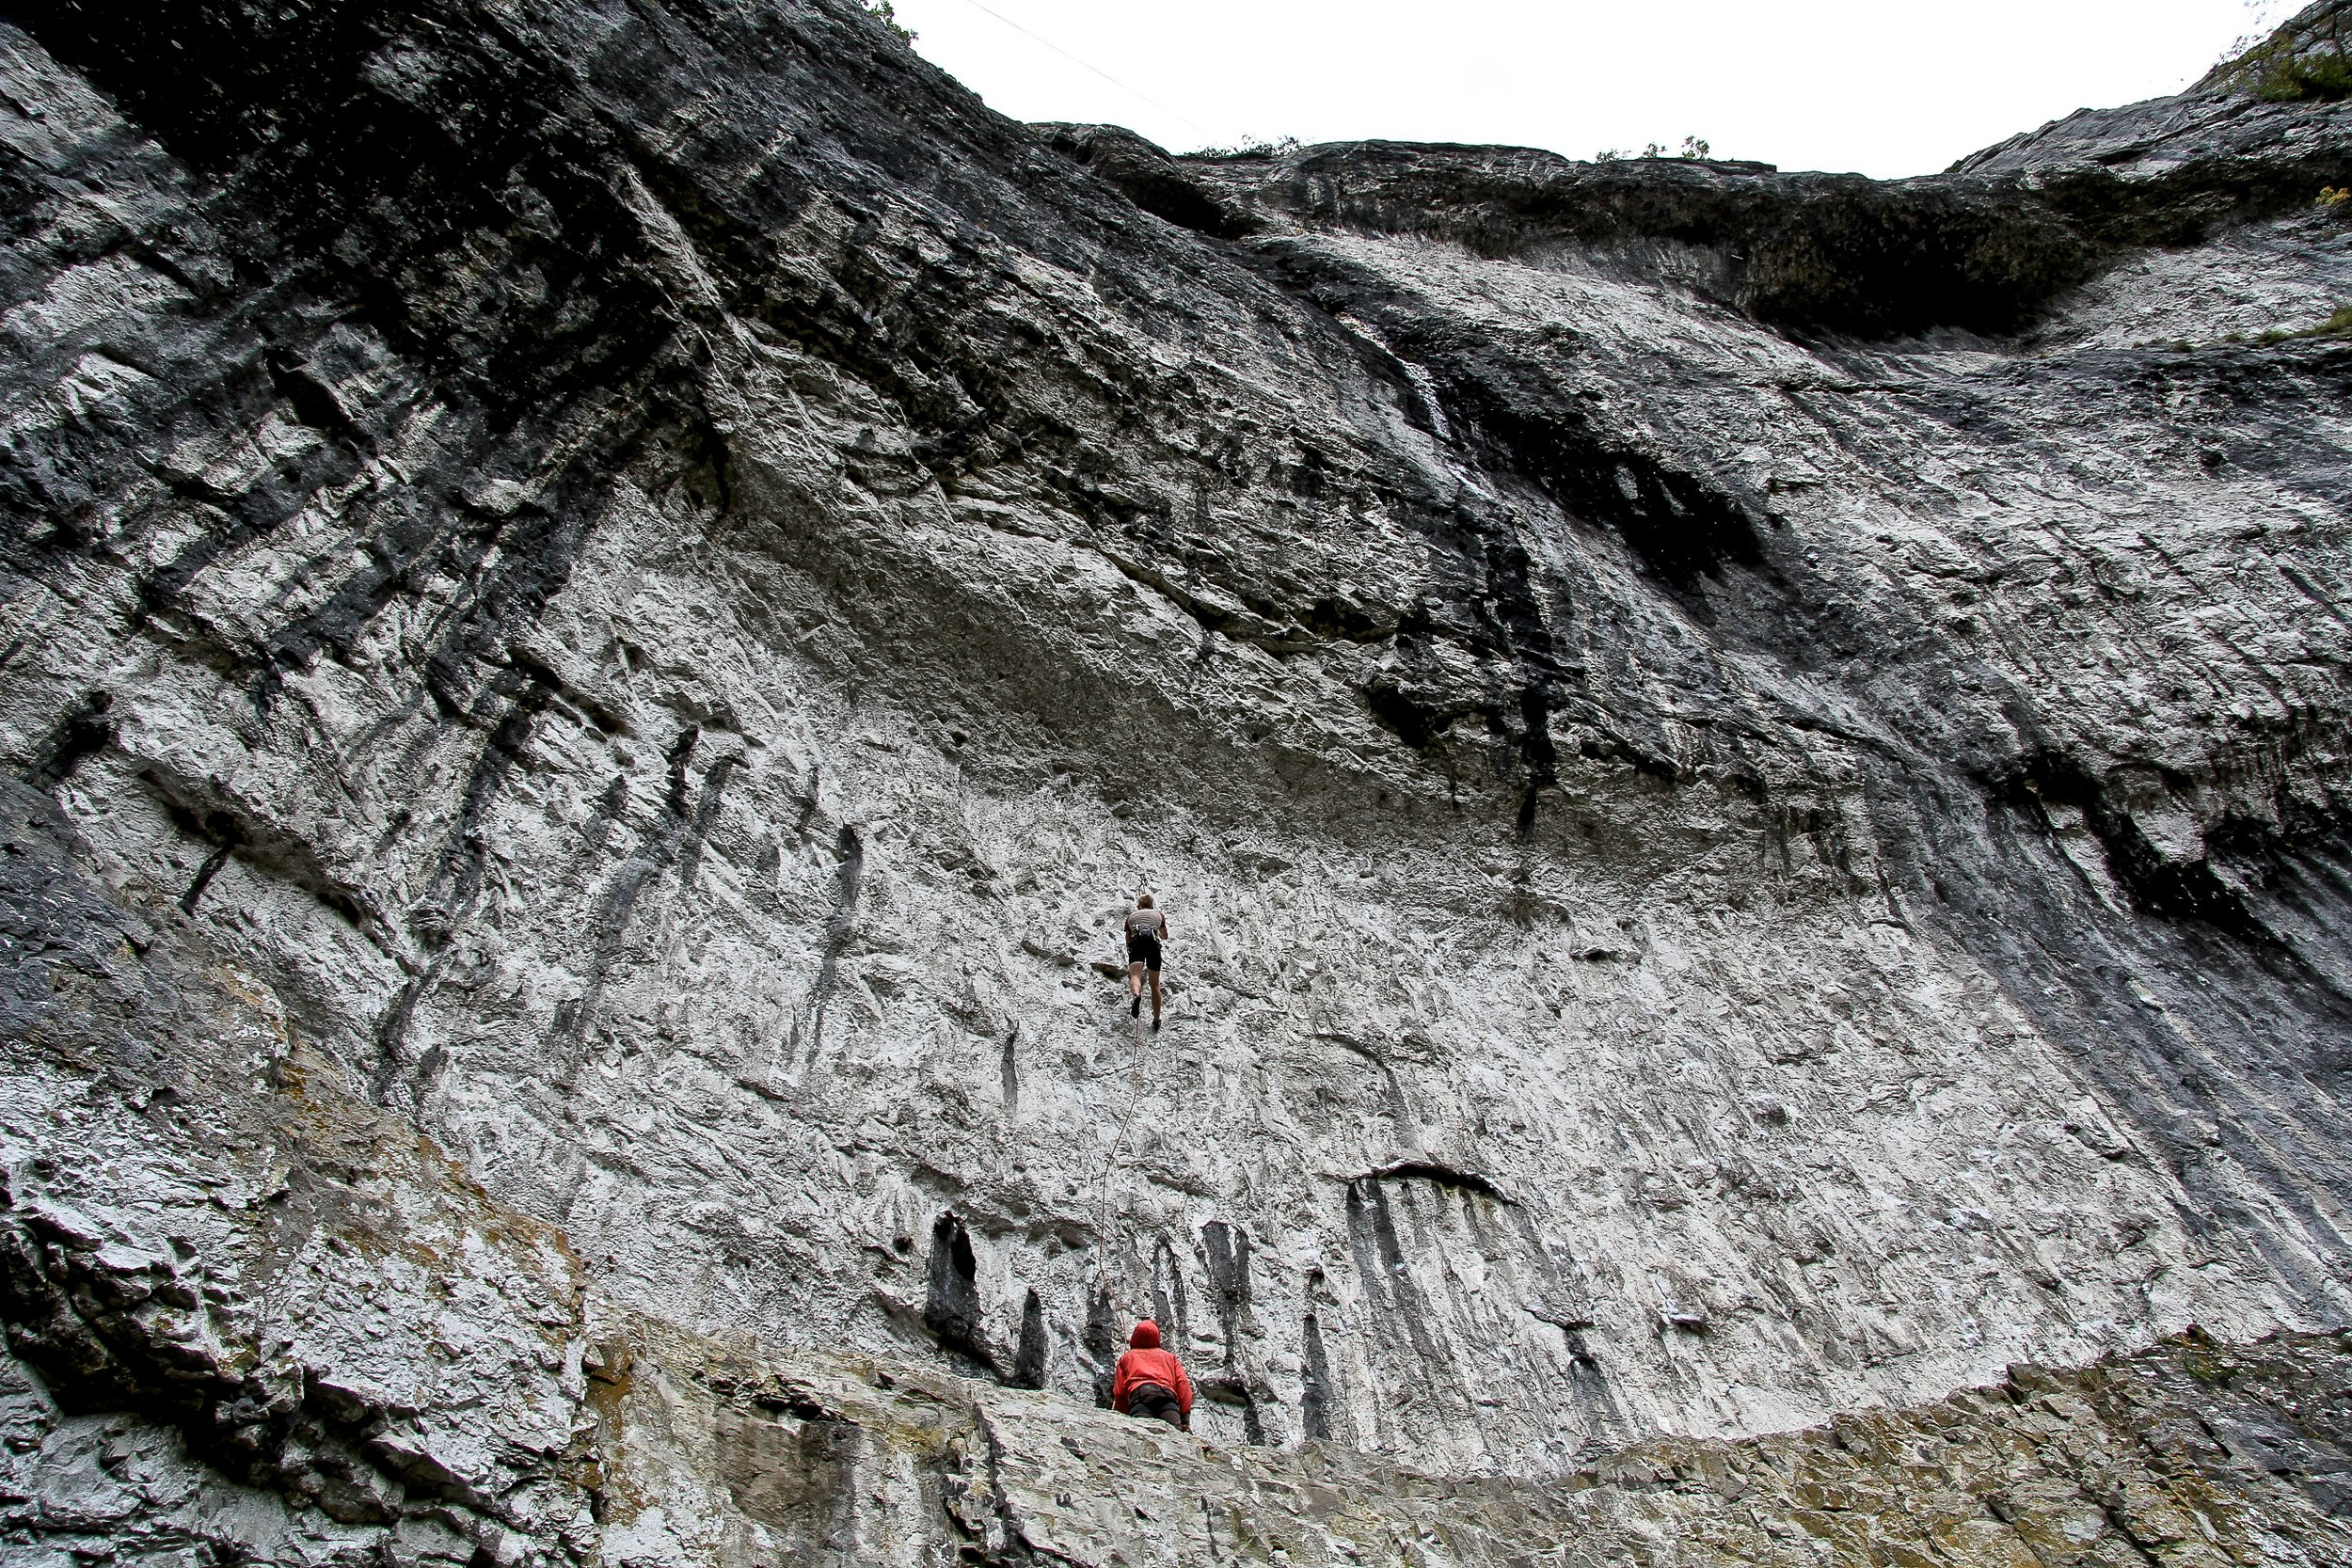 Climber up Malham Cove